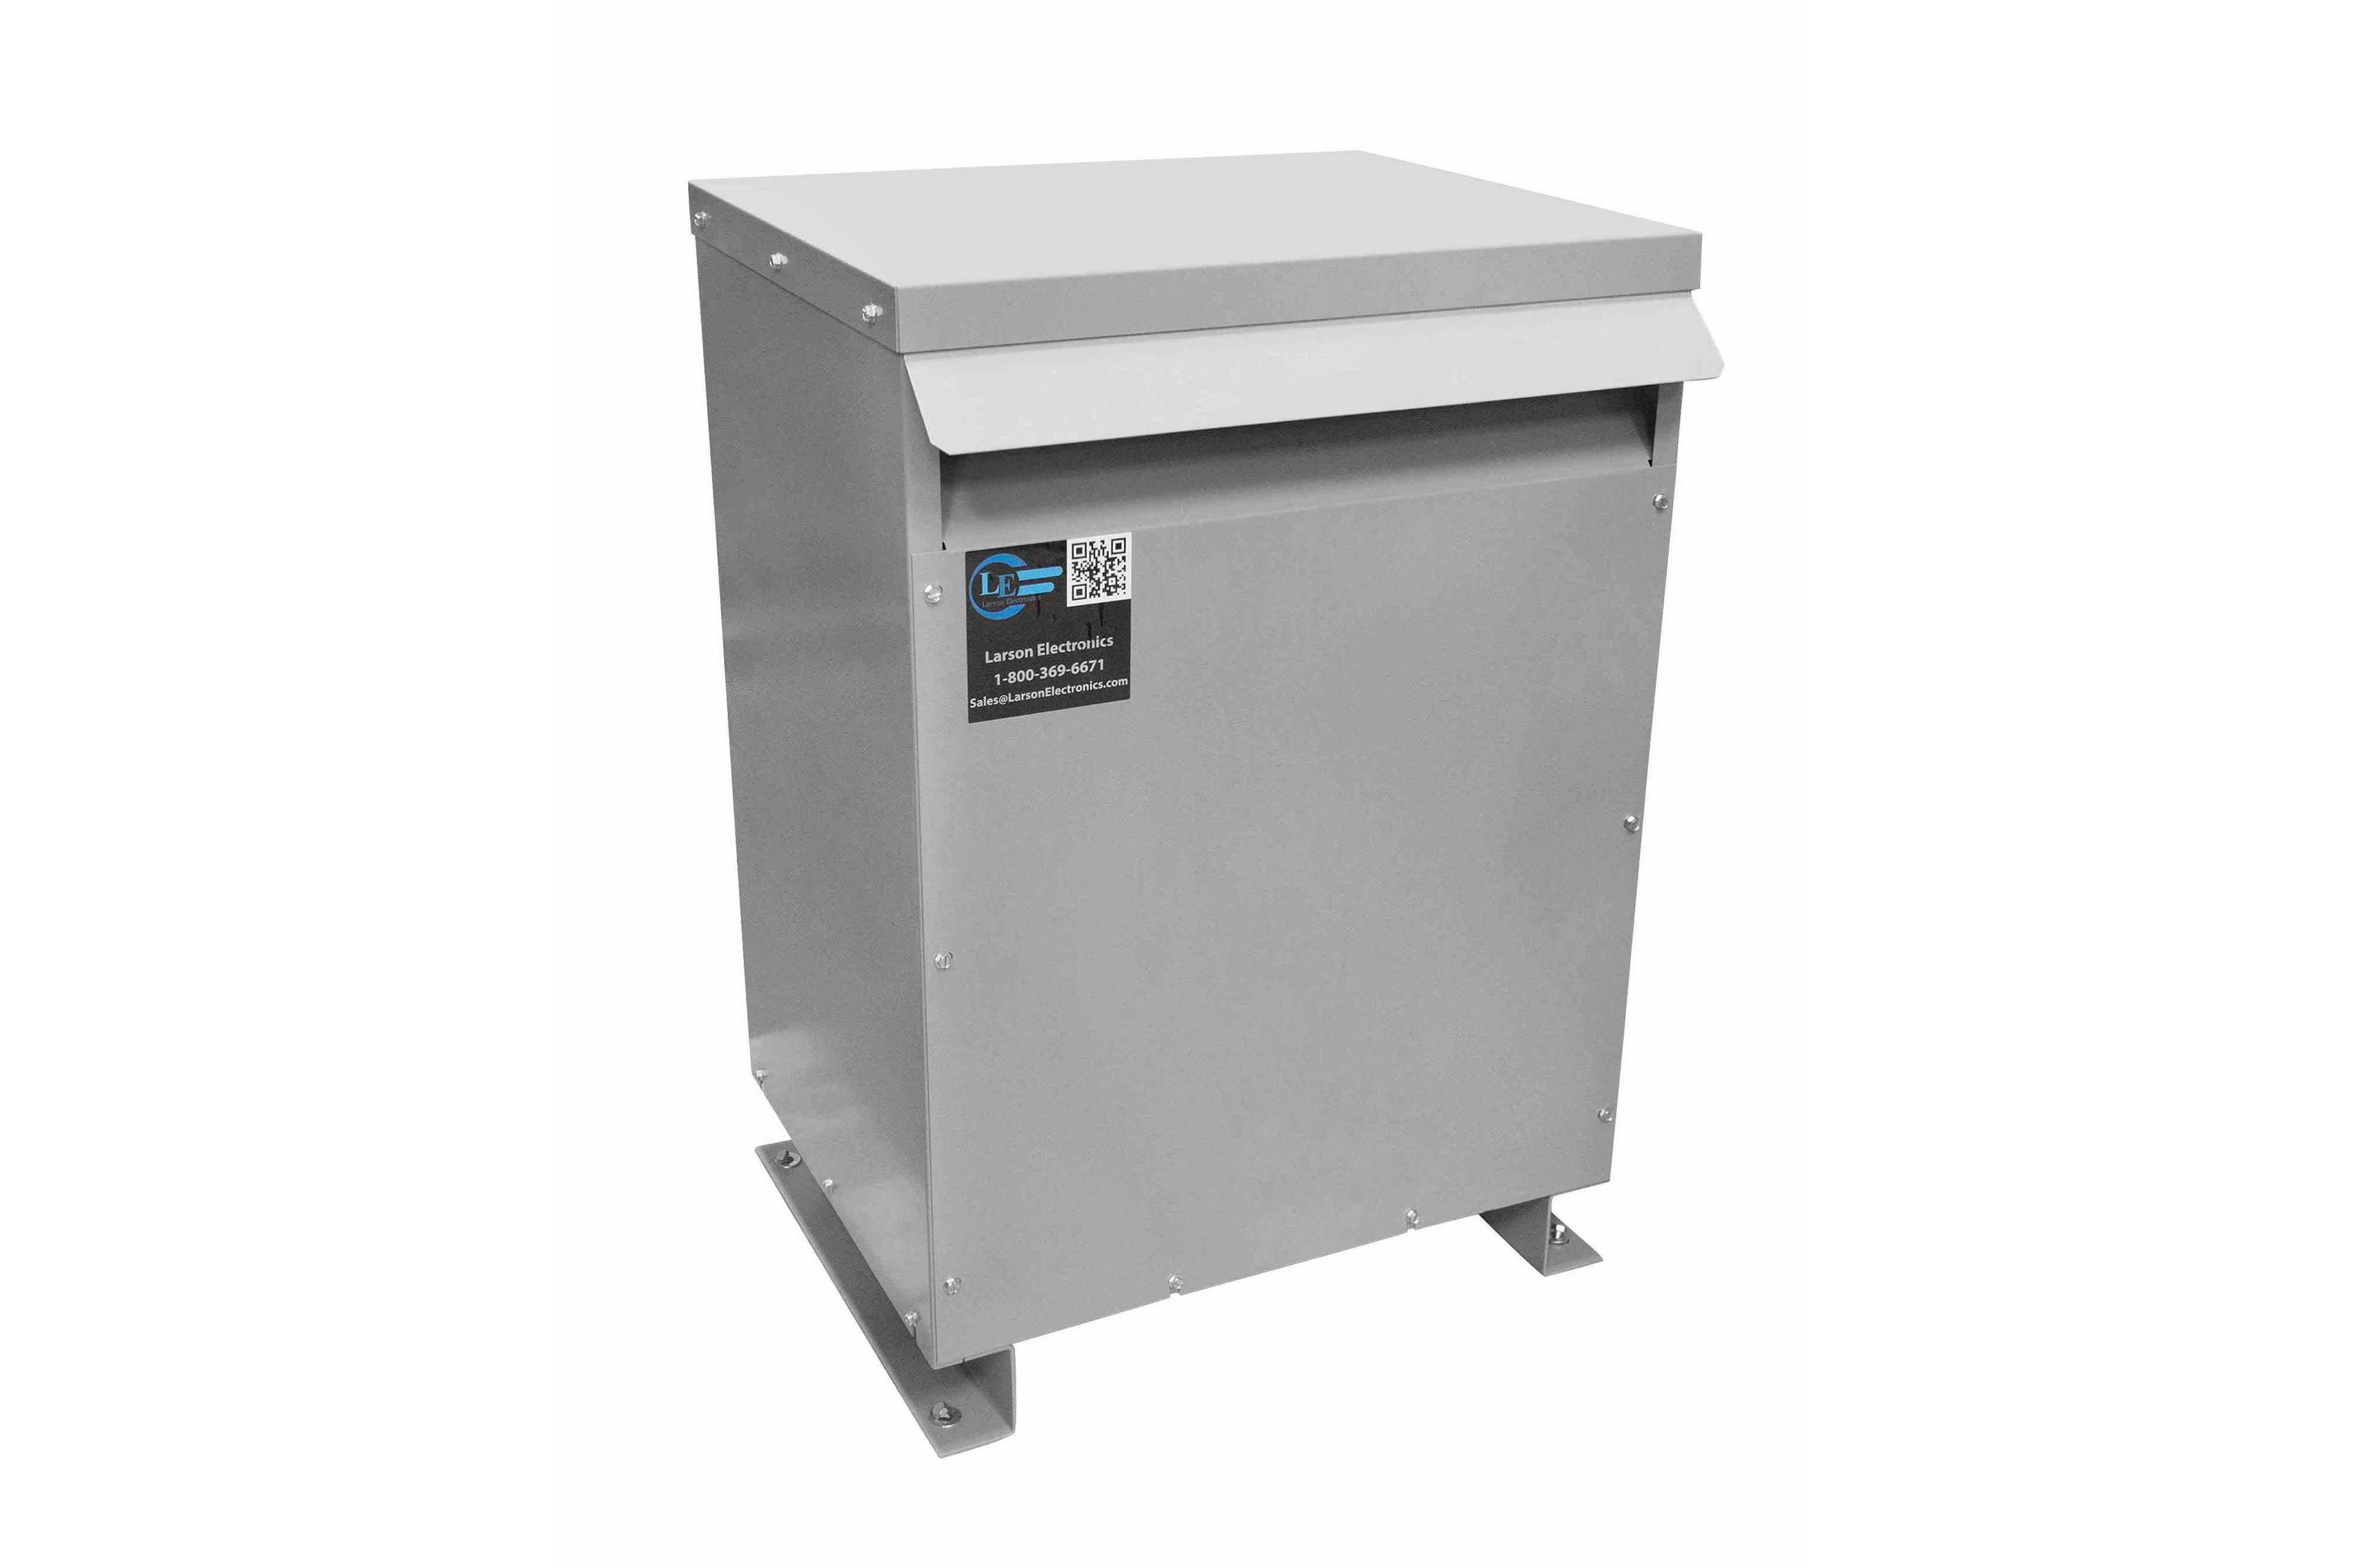 20 kVA 3PH Isolation Transformer, 415V Delta Primary, 208V Delta Secondary, N3R, Ventilated, 60 Hz